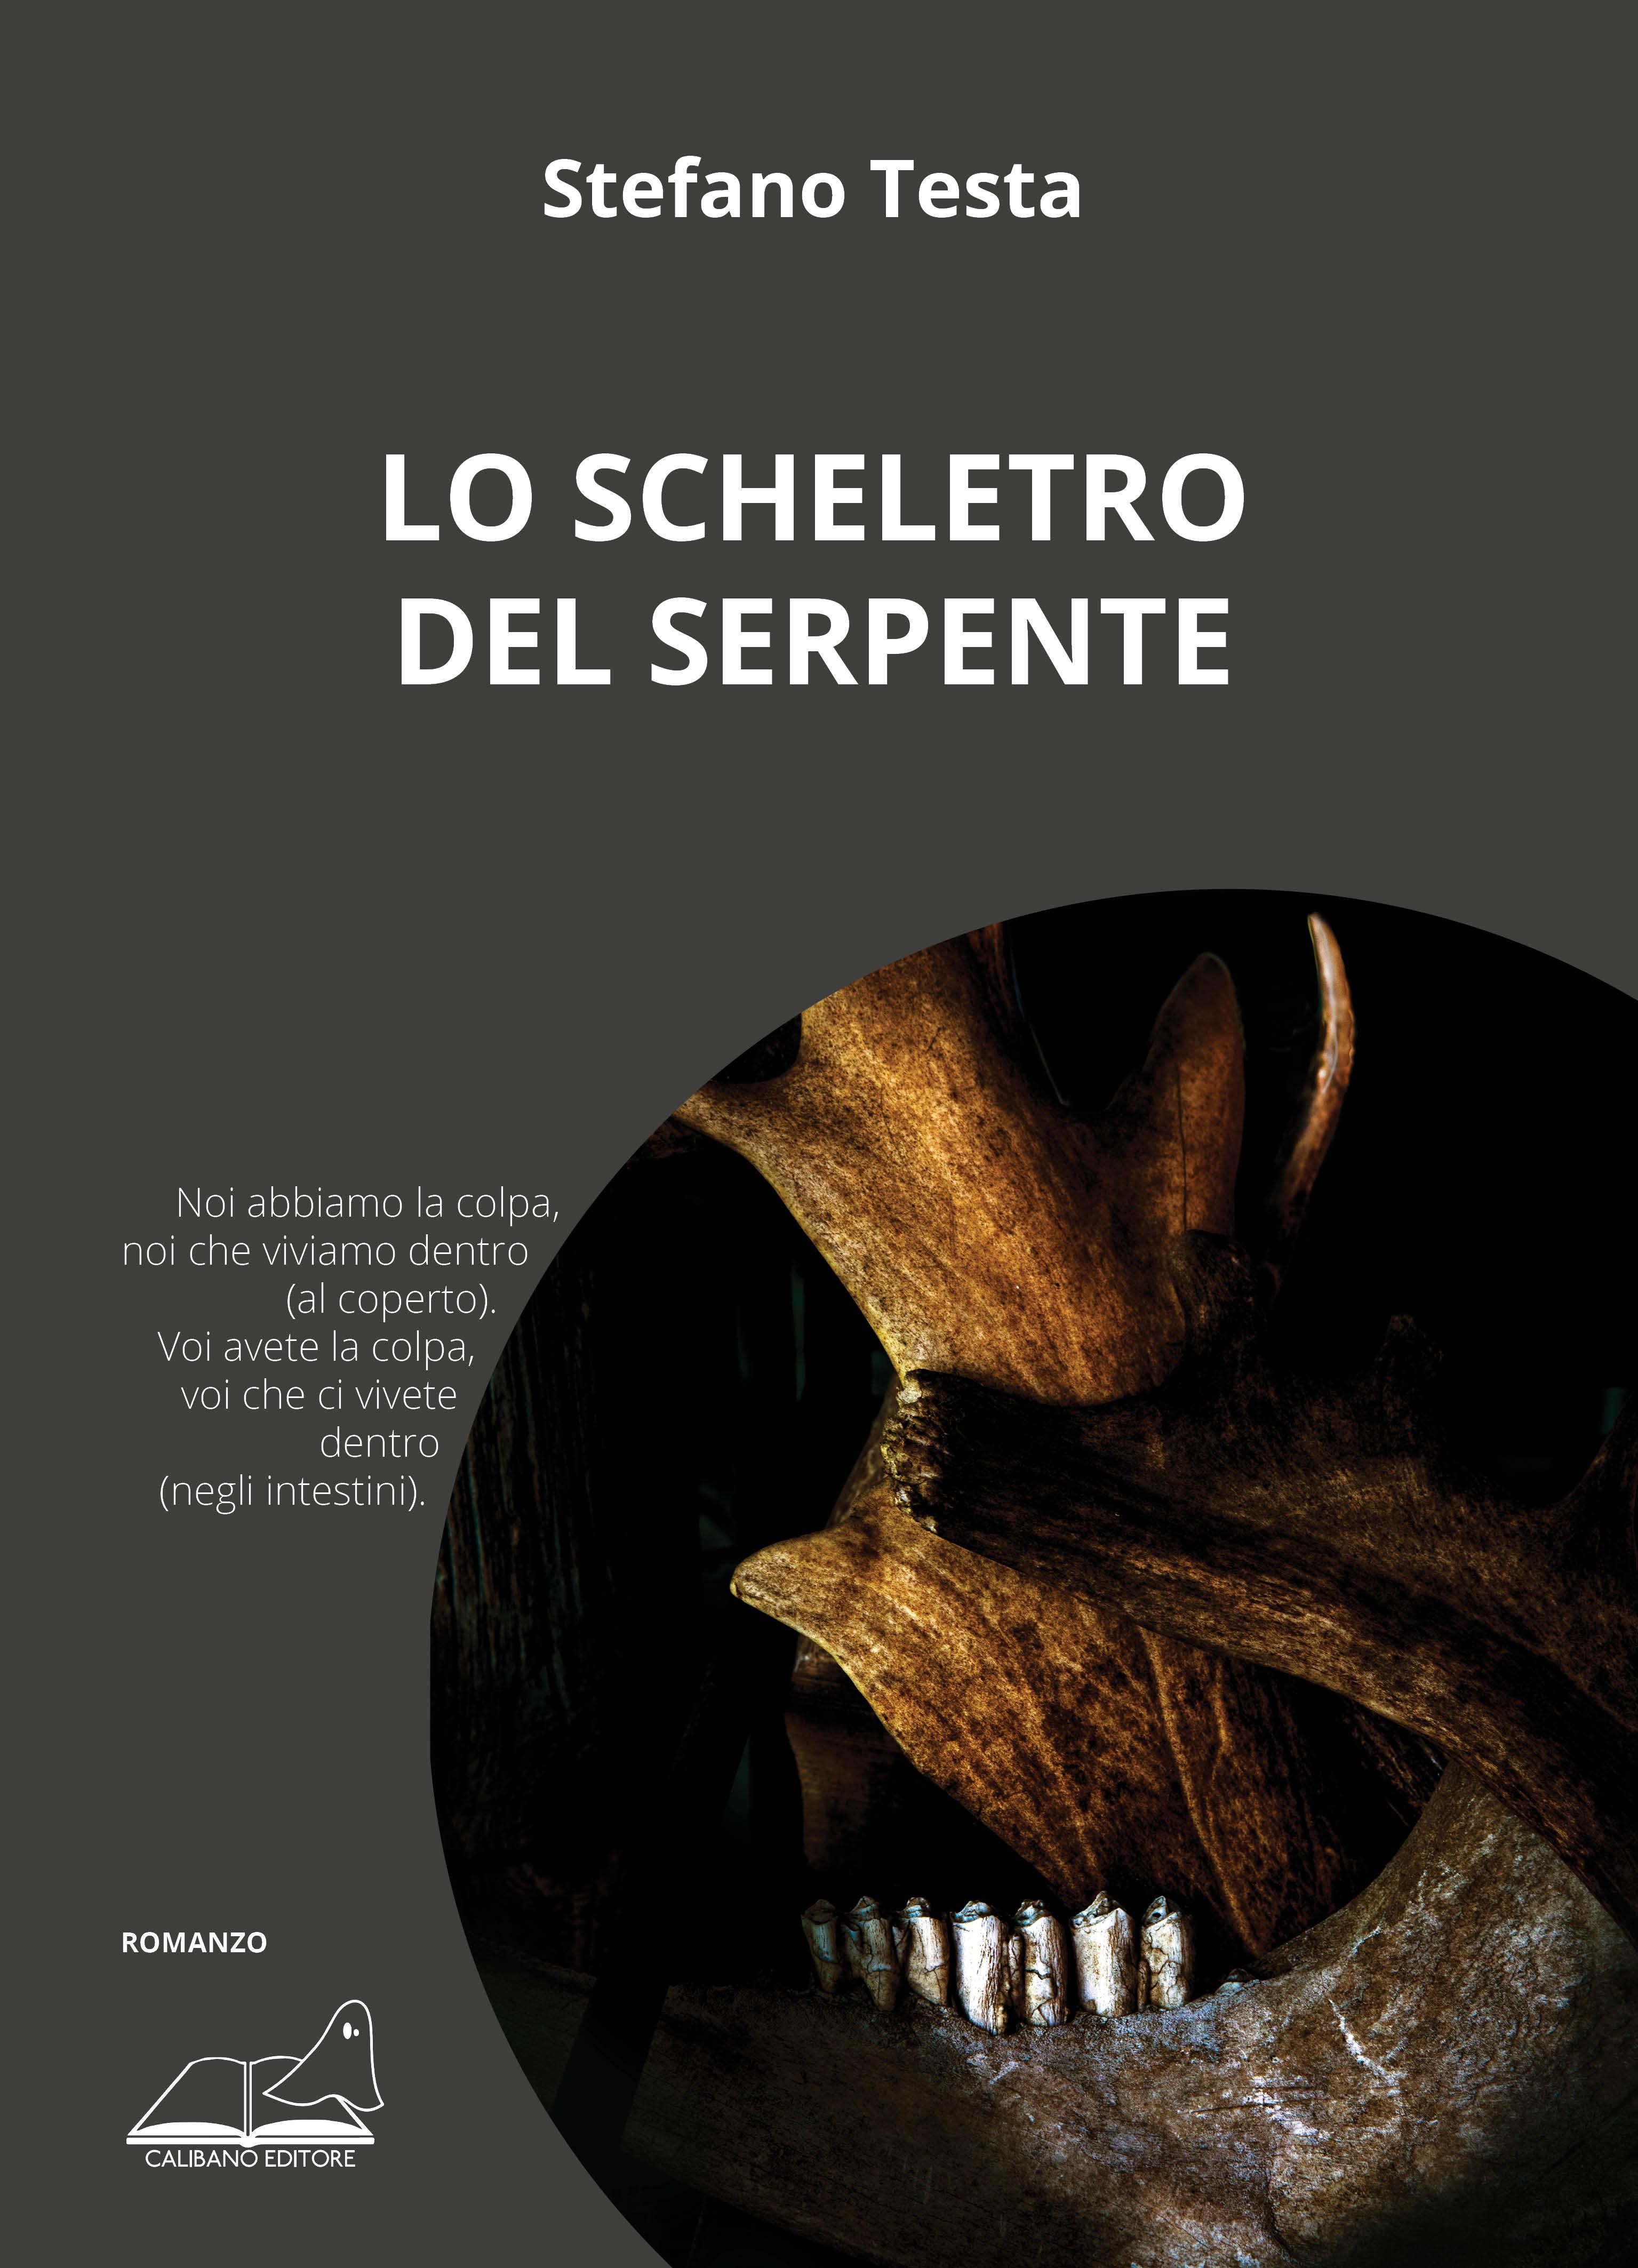 Lo scheletro del serpente-image-1%>